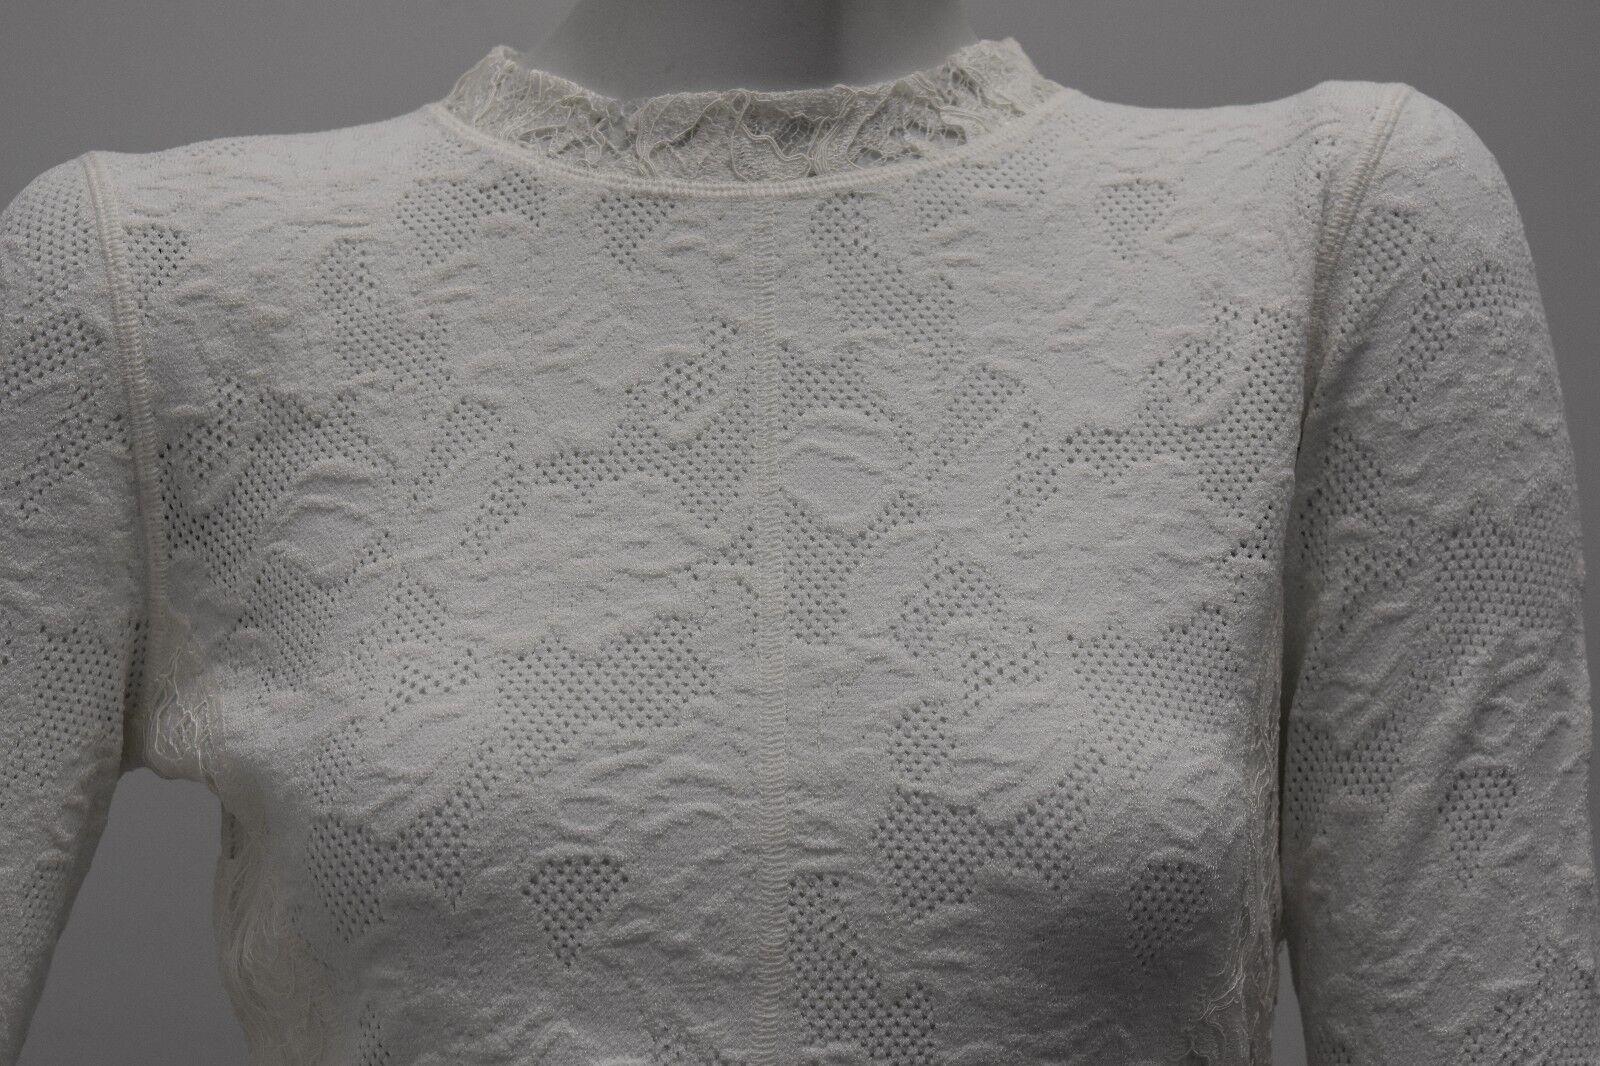 Nuevo La Renta Encaje sobre OsCoche de suéter de  punto elástico Top azulsa Floral blancoo L M  descuento online